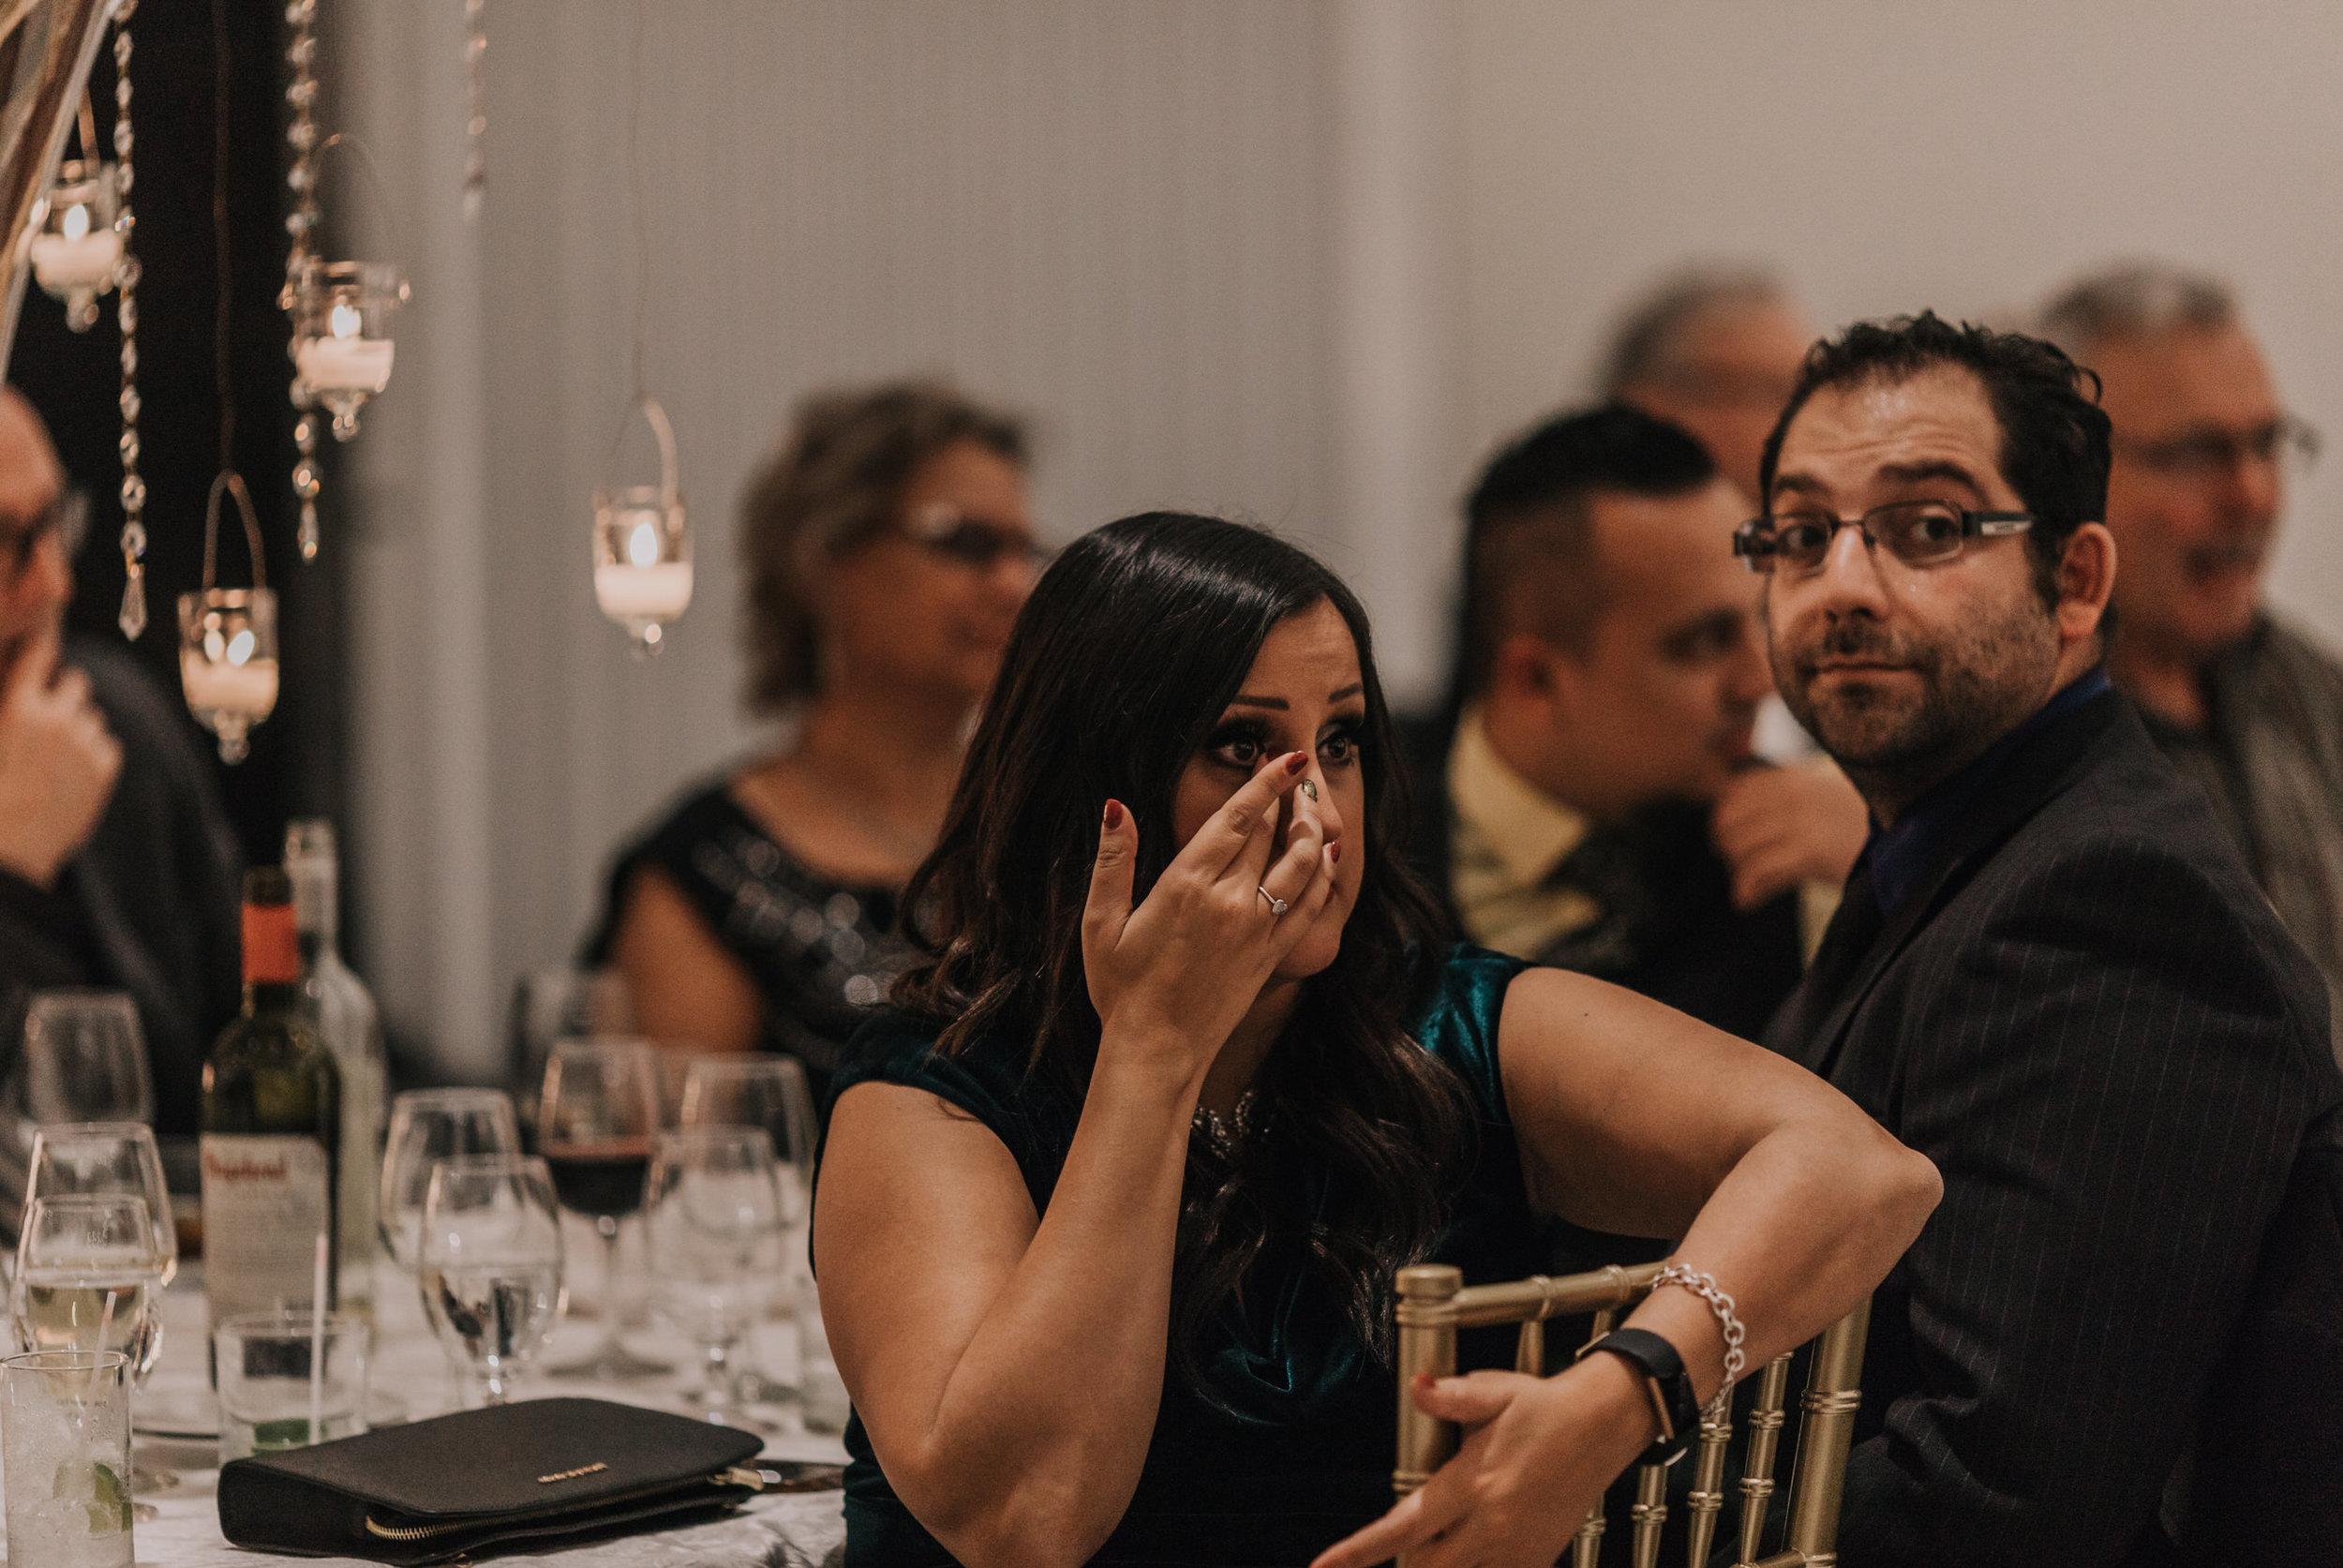 Pitt Meadows Wedding Photographer - Sky Hangar Wedding Photos - Vancouver Wedding Photographer & Videographer - Sunshine Coast Wedding Photos - Sunshine Coast Wedding Photographer - Jennifer Picard Photography - 1A5A3032.jpg